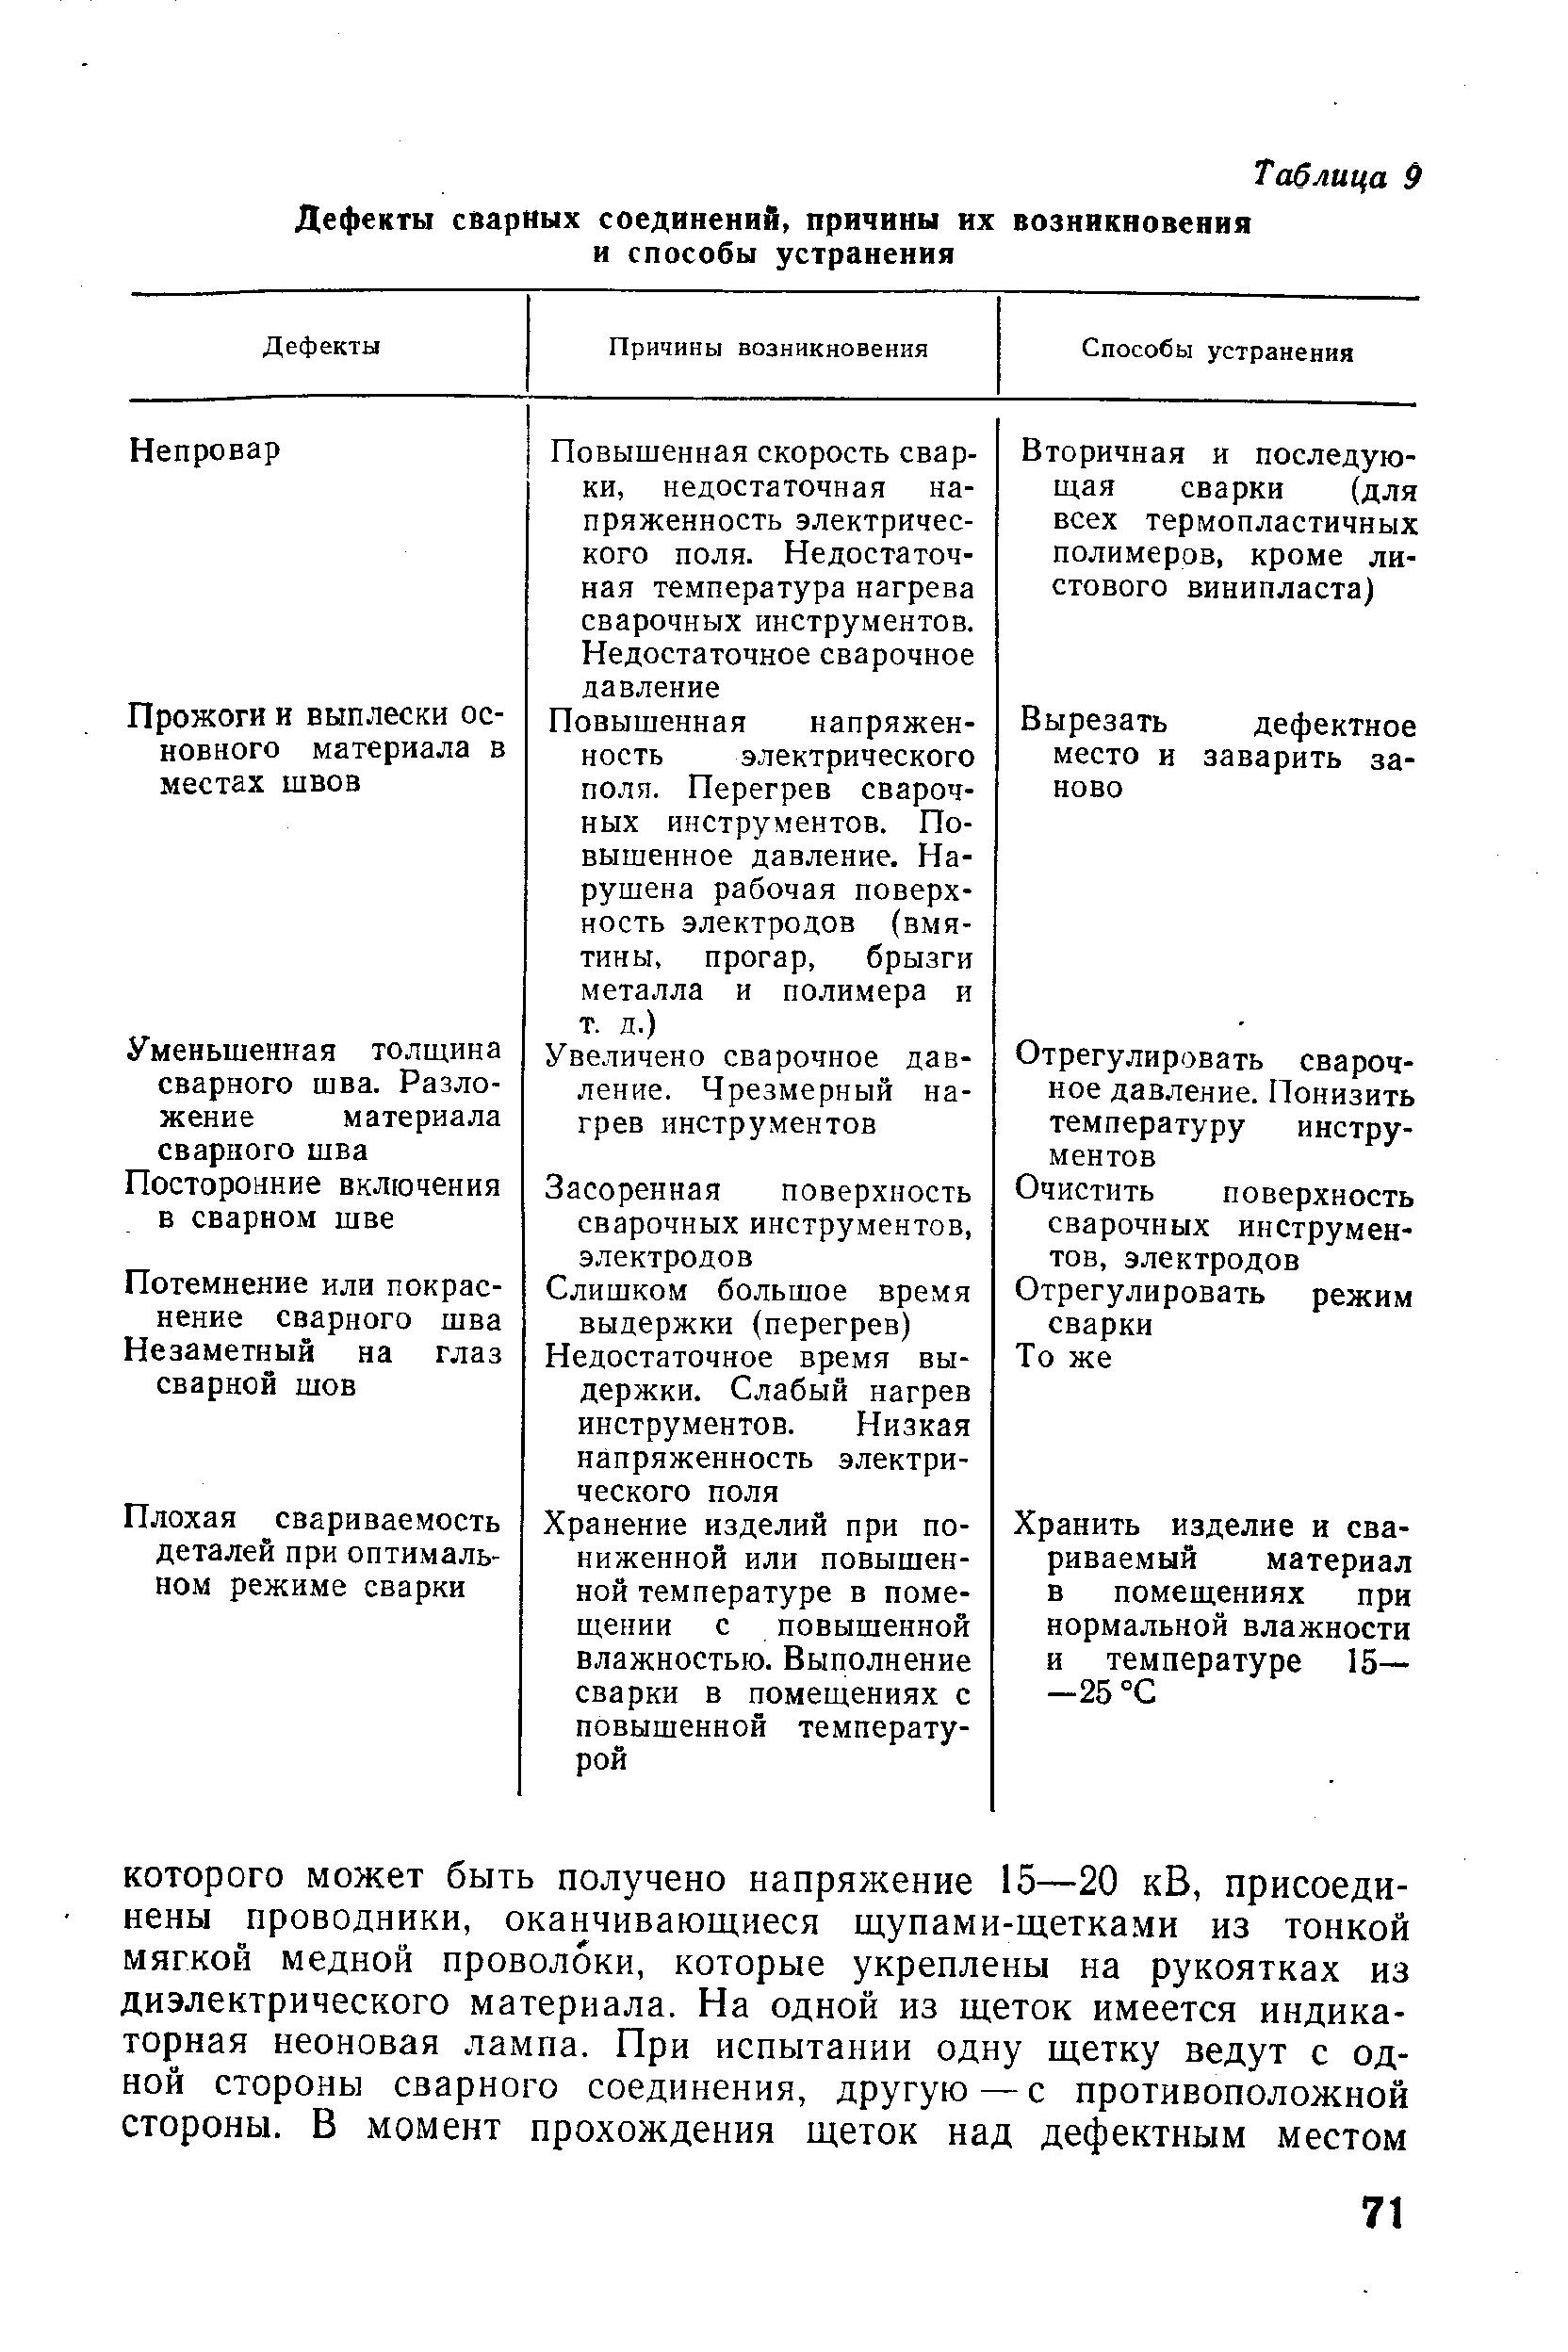 Способы устранения сварочных деформаций и перемещений